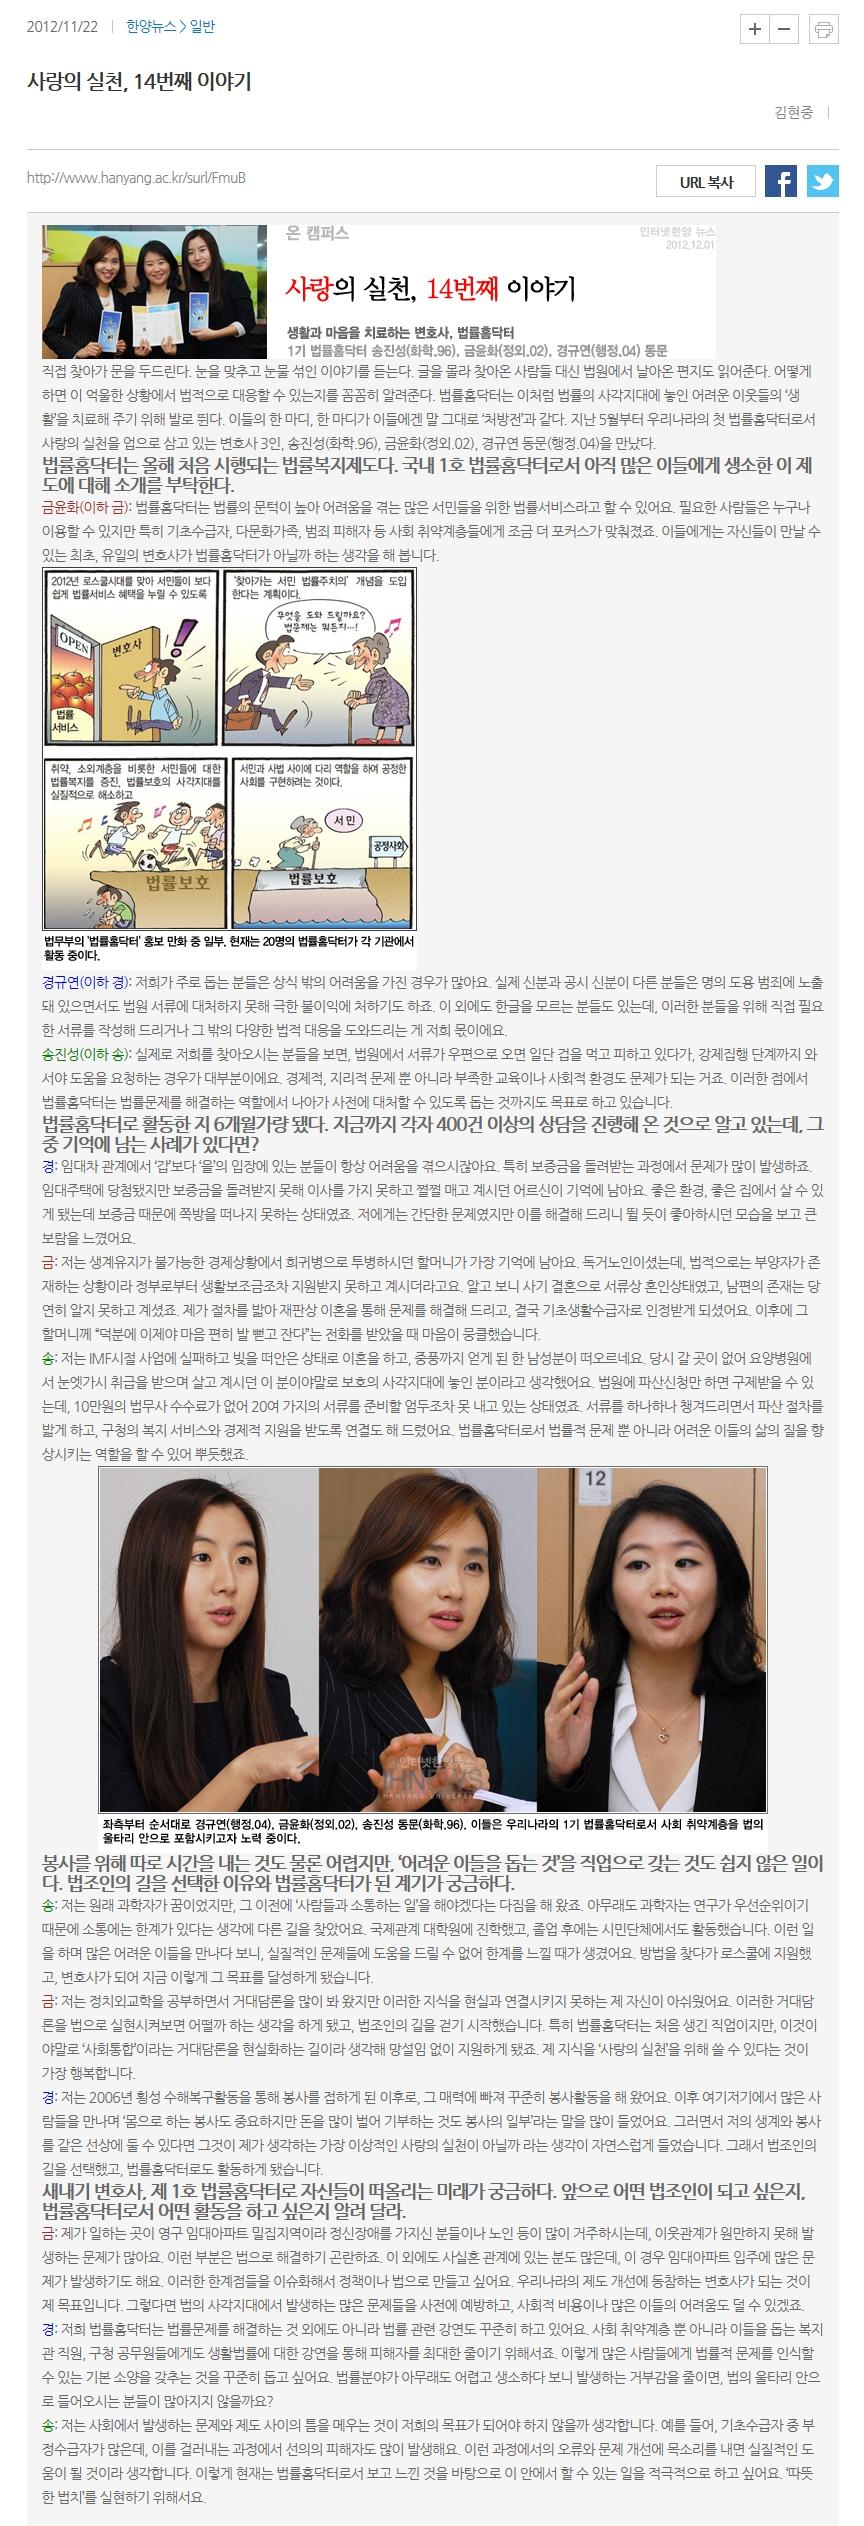 한양대학교 뉴스 인터뷰 12.11.22